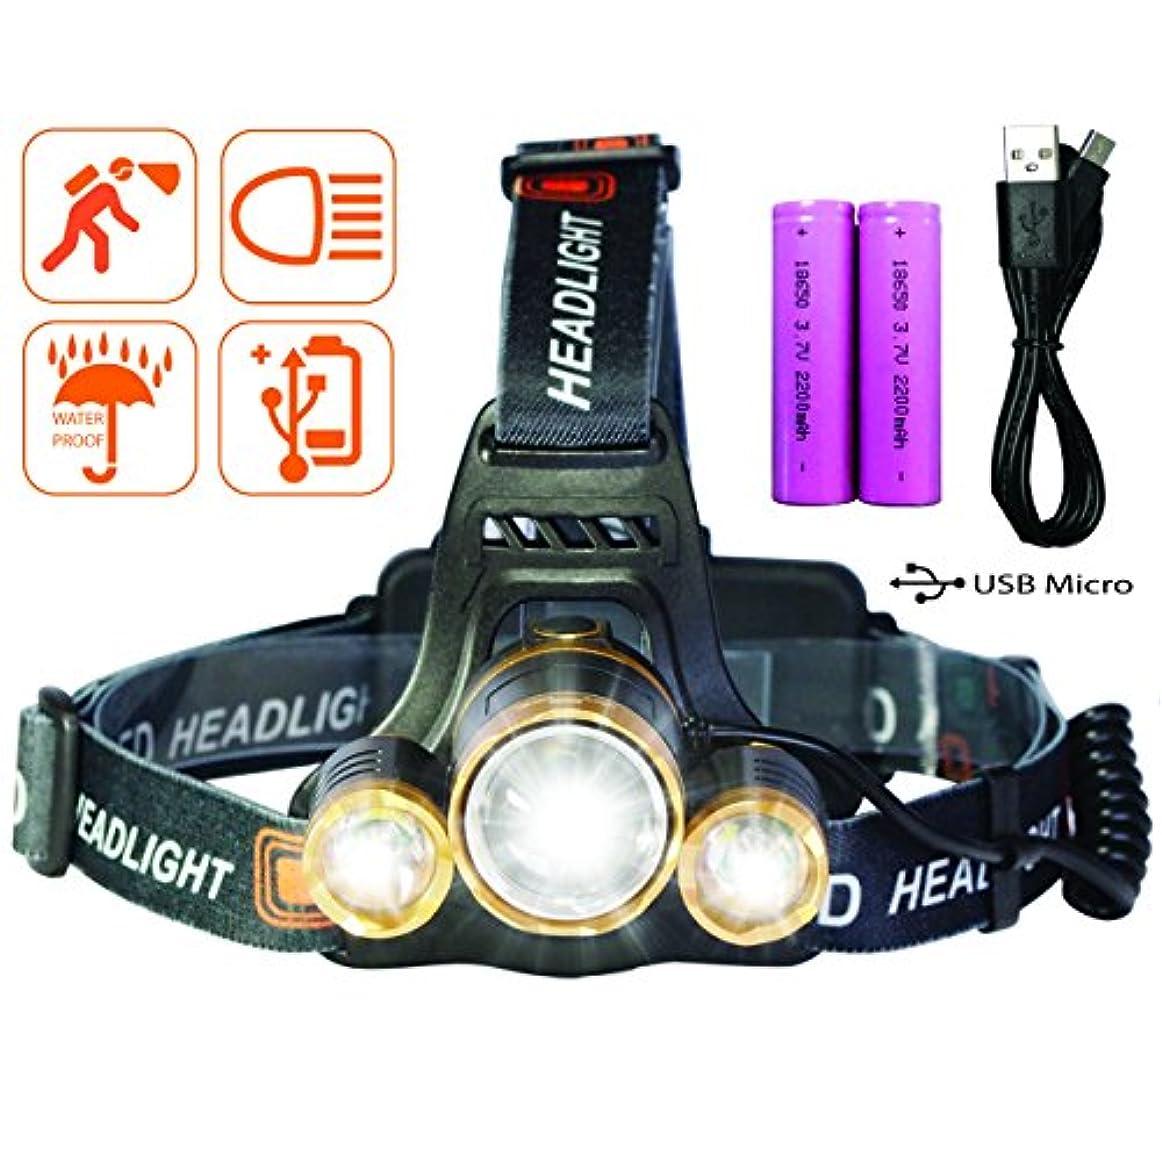 売上高何故なの国家ヘッドライト USB充電式 LEDヘッドランプ 防水式 登山 夜釣り 夜間作業 自転車 キャンプ アウトドア 18650電池2本付属 防災用 Tinova